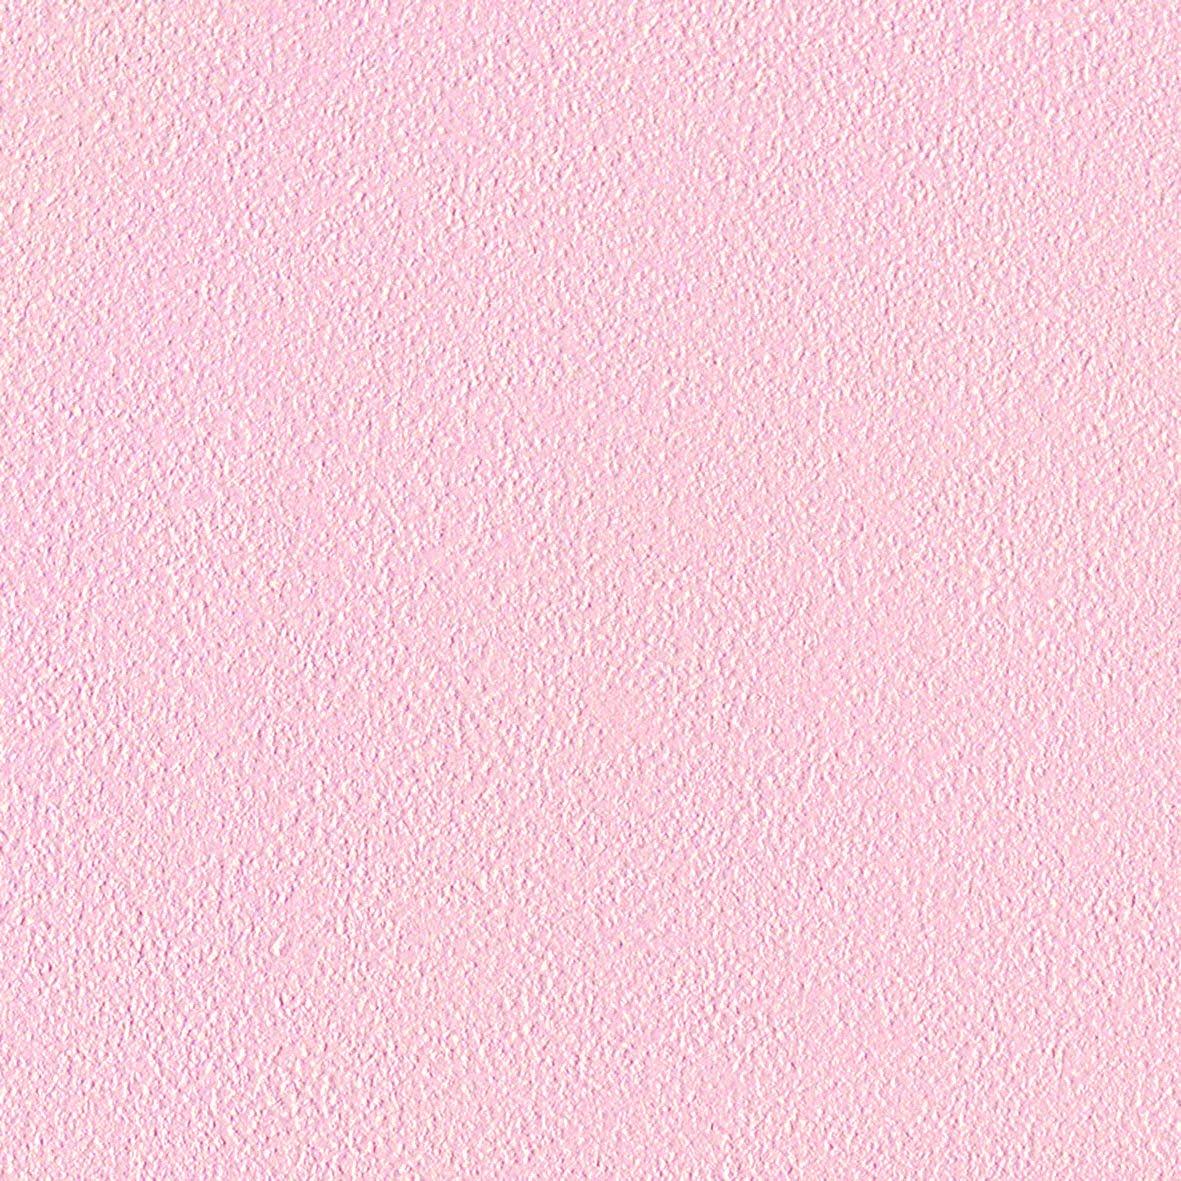 リリカラ 壁紙25m シンフル 石目調 ピンク LL-8216 B01MXHQ1P9 25m|ピンク1